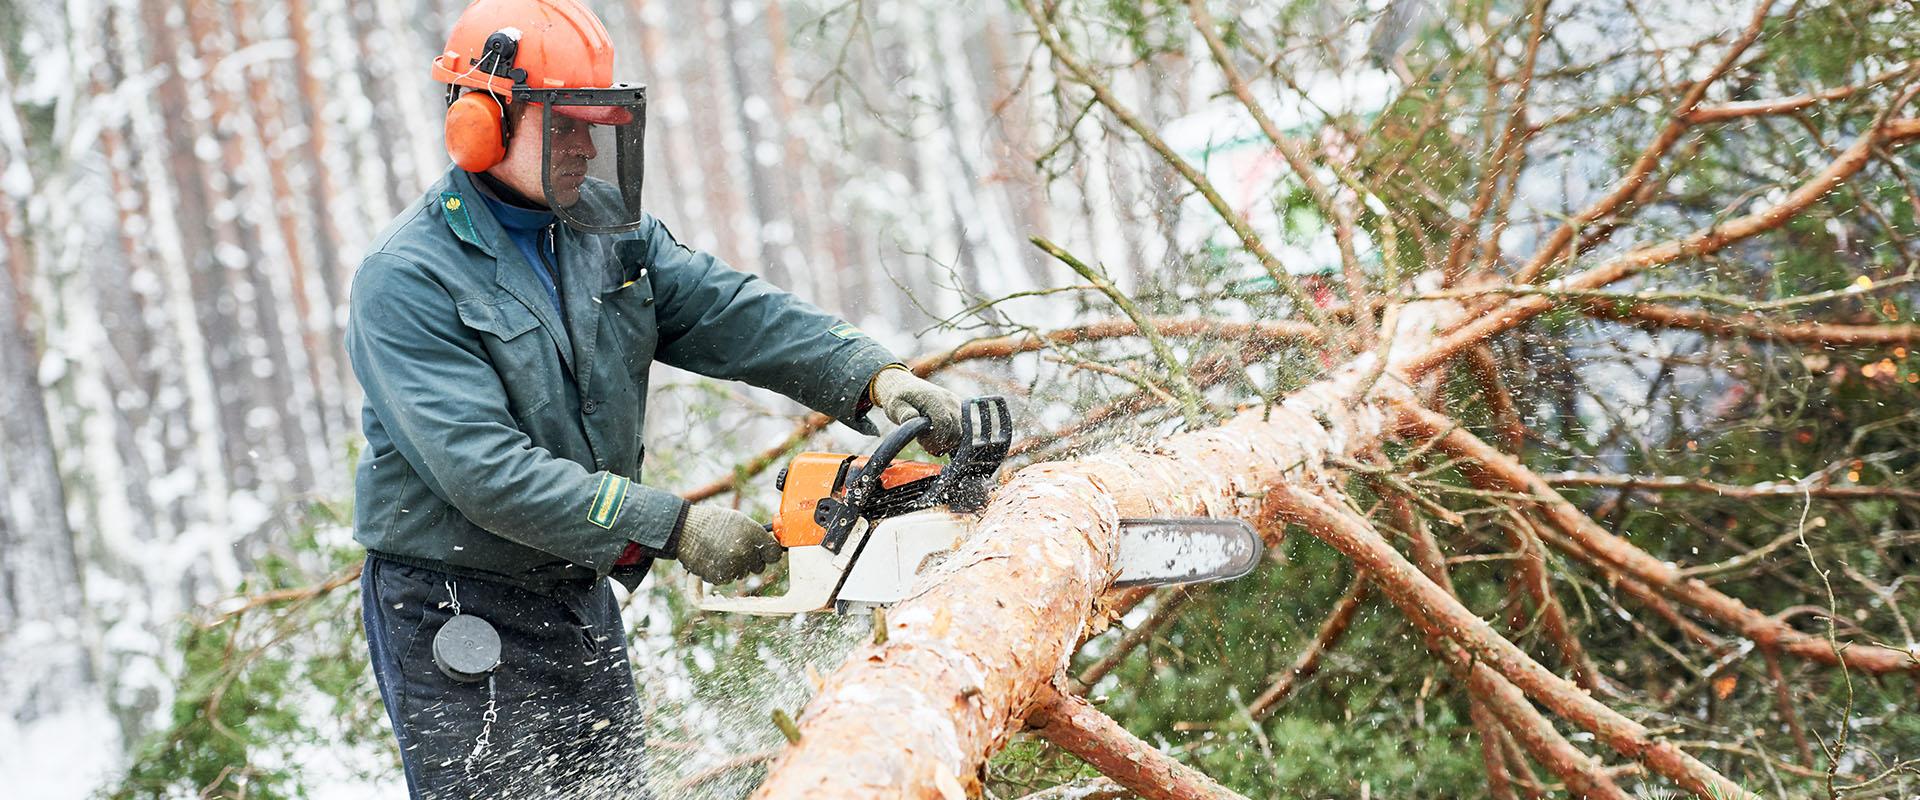 Metsä- ja raivaussahatyöt sekä sähkölinjaraivaukset Lapin läänissä • Tmi Jyri Kemiläinen